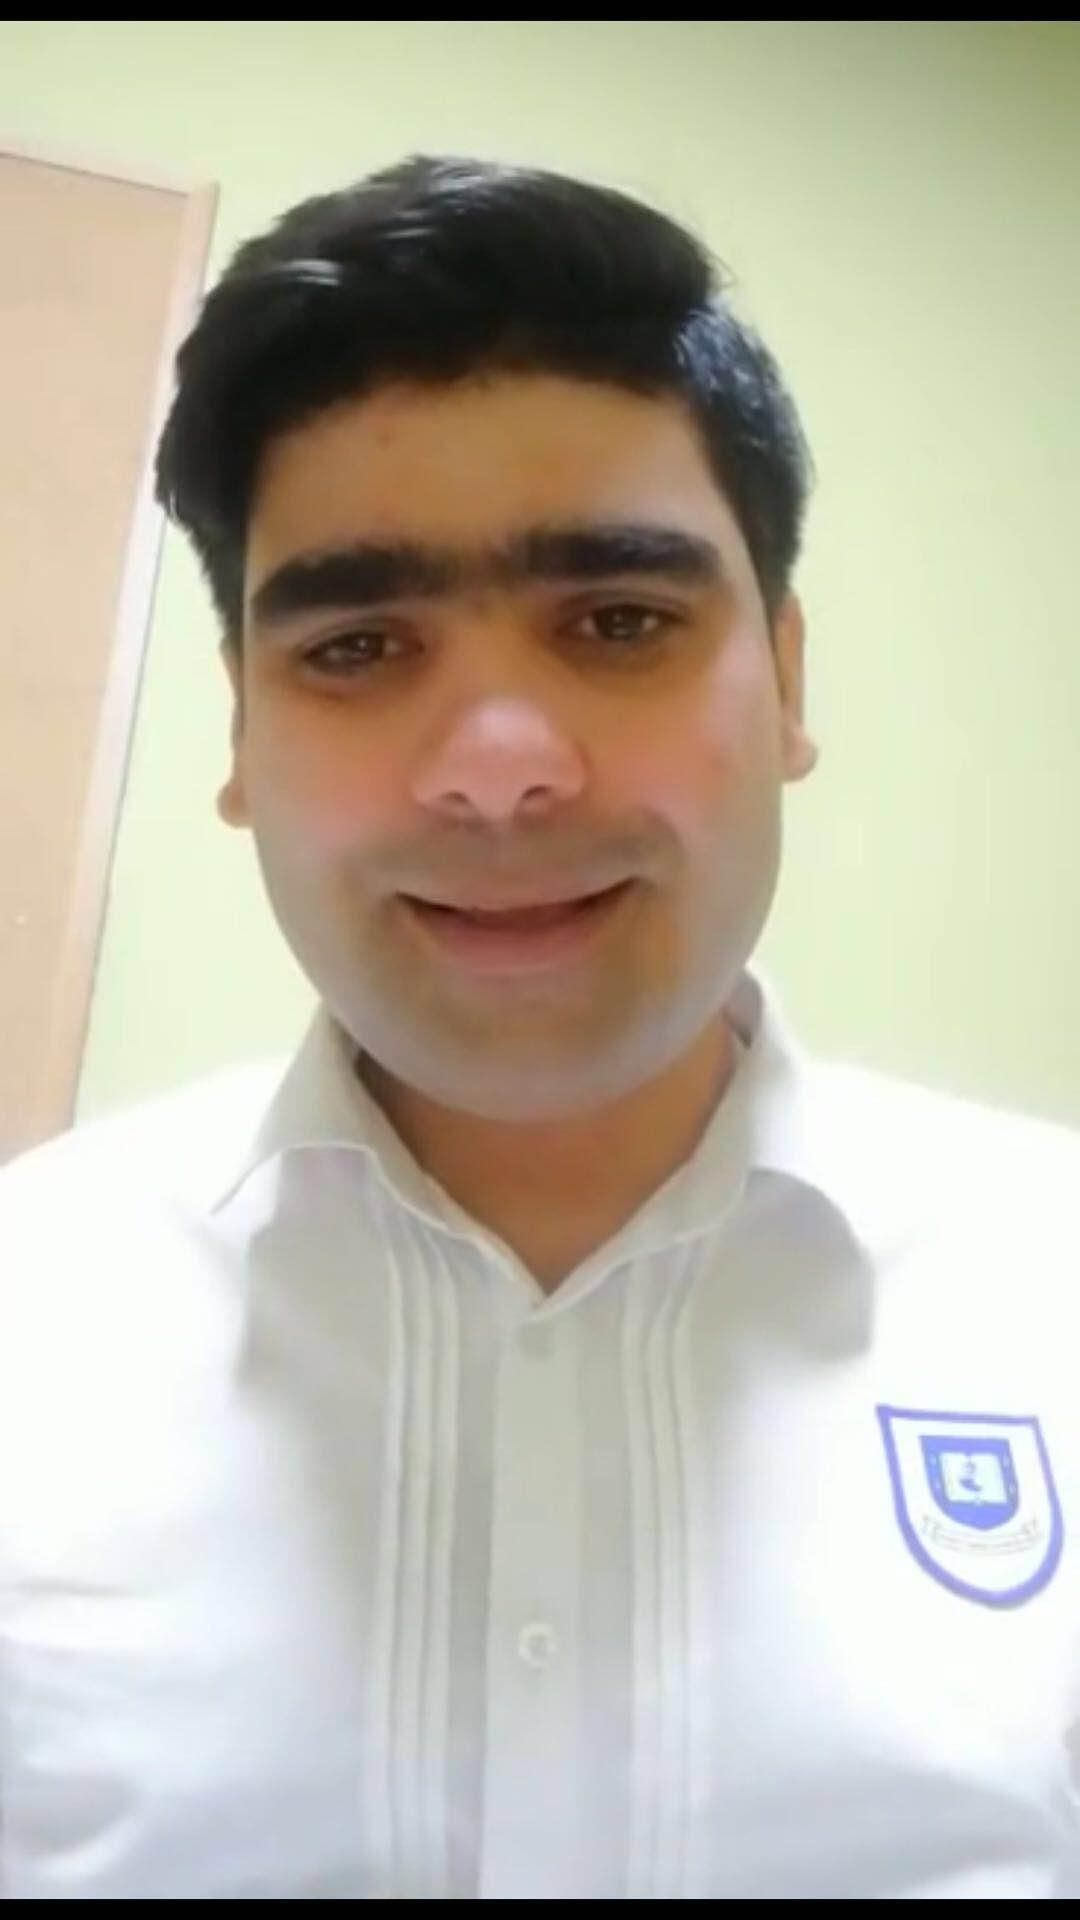 巴基斯坦本科外教编号:wj35943791